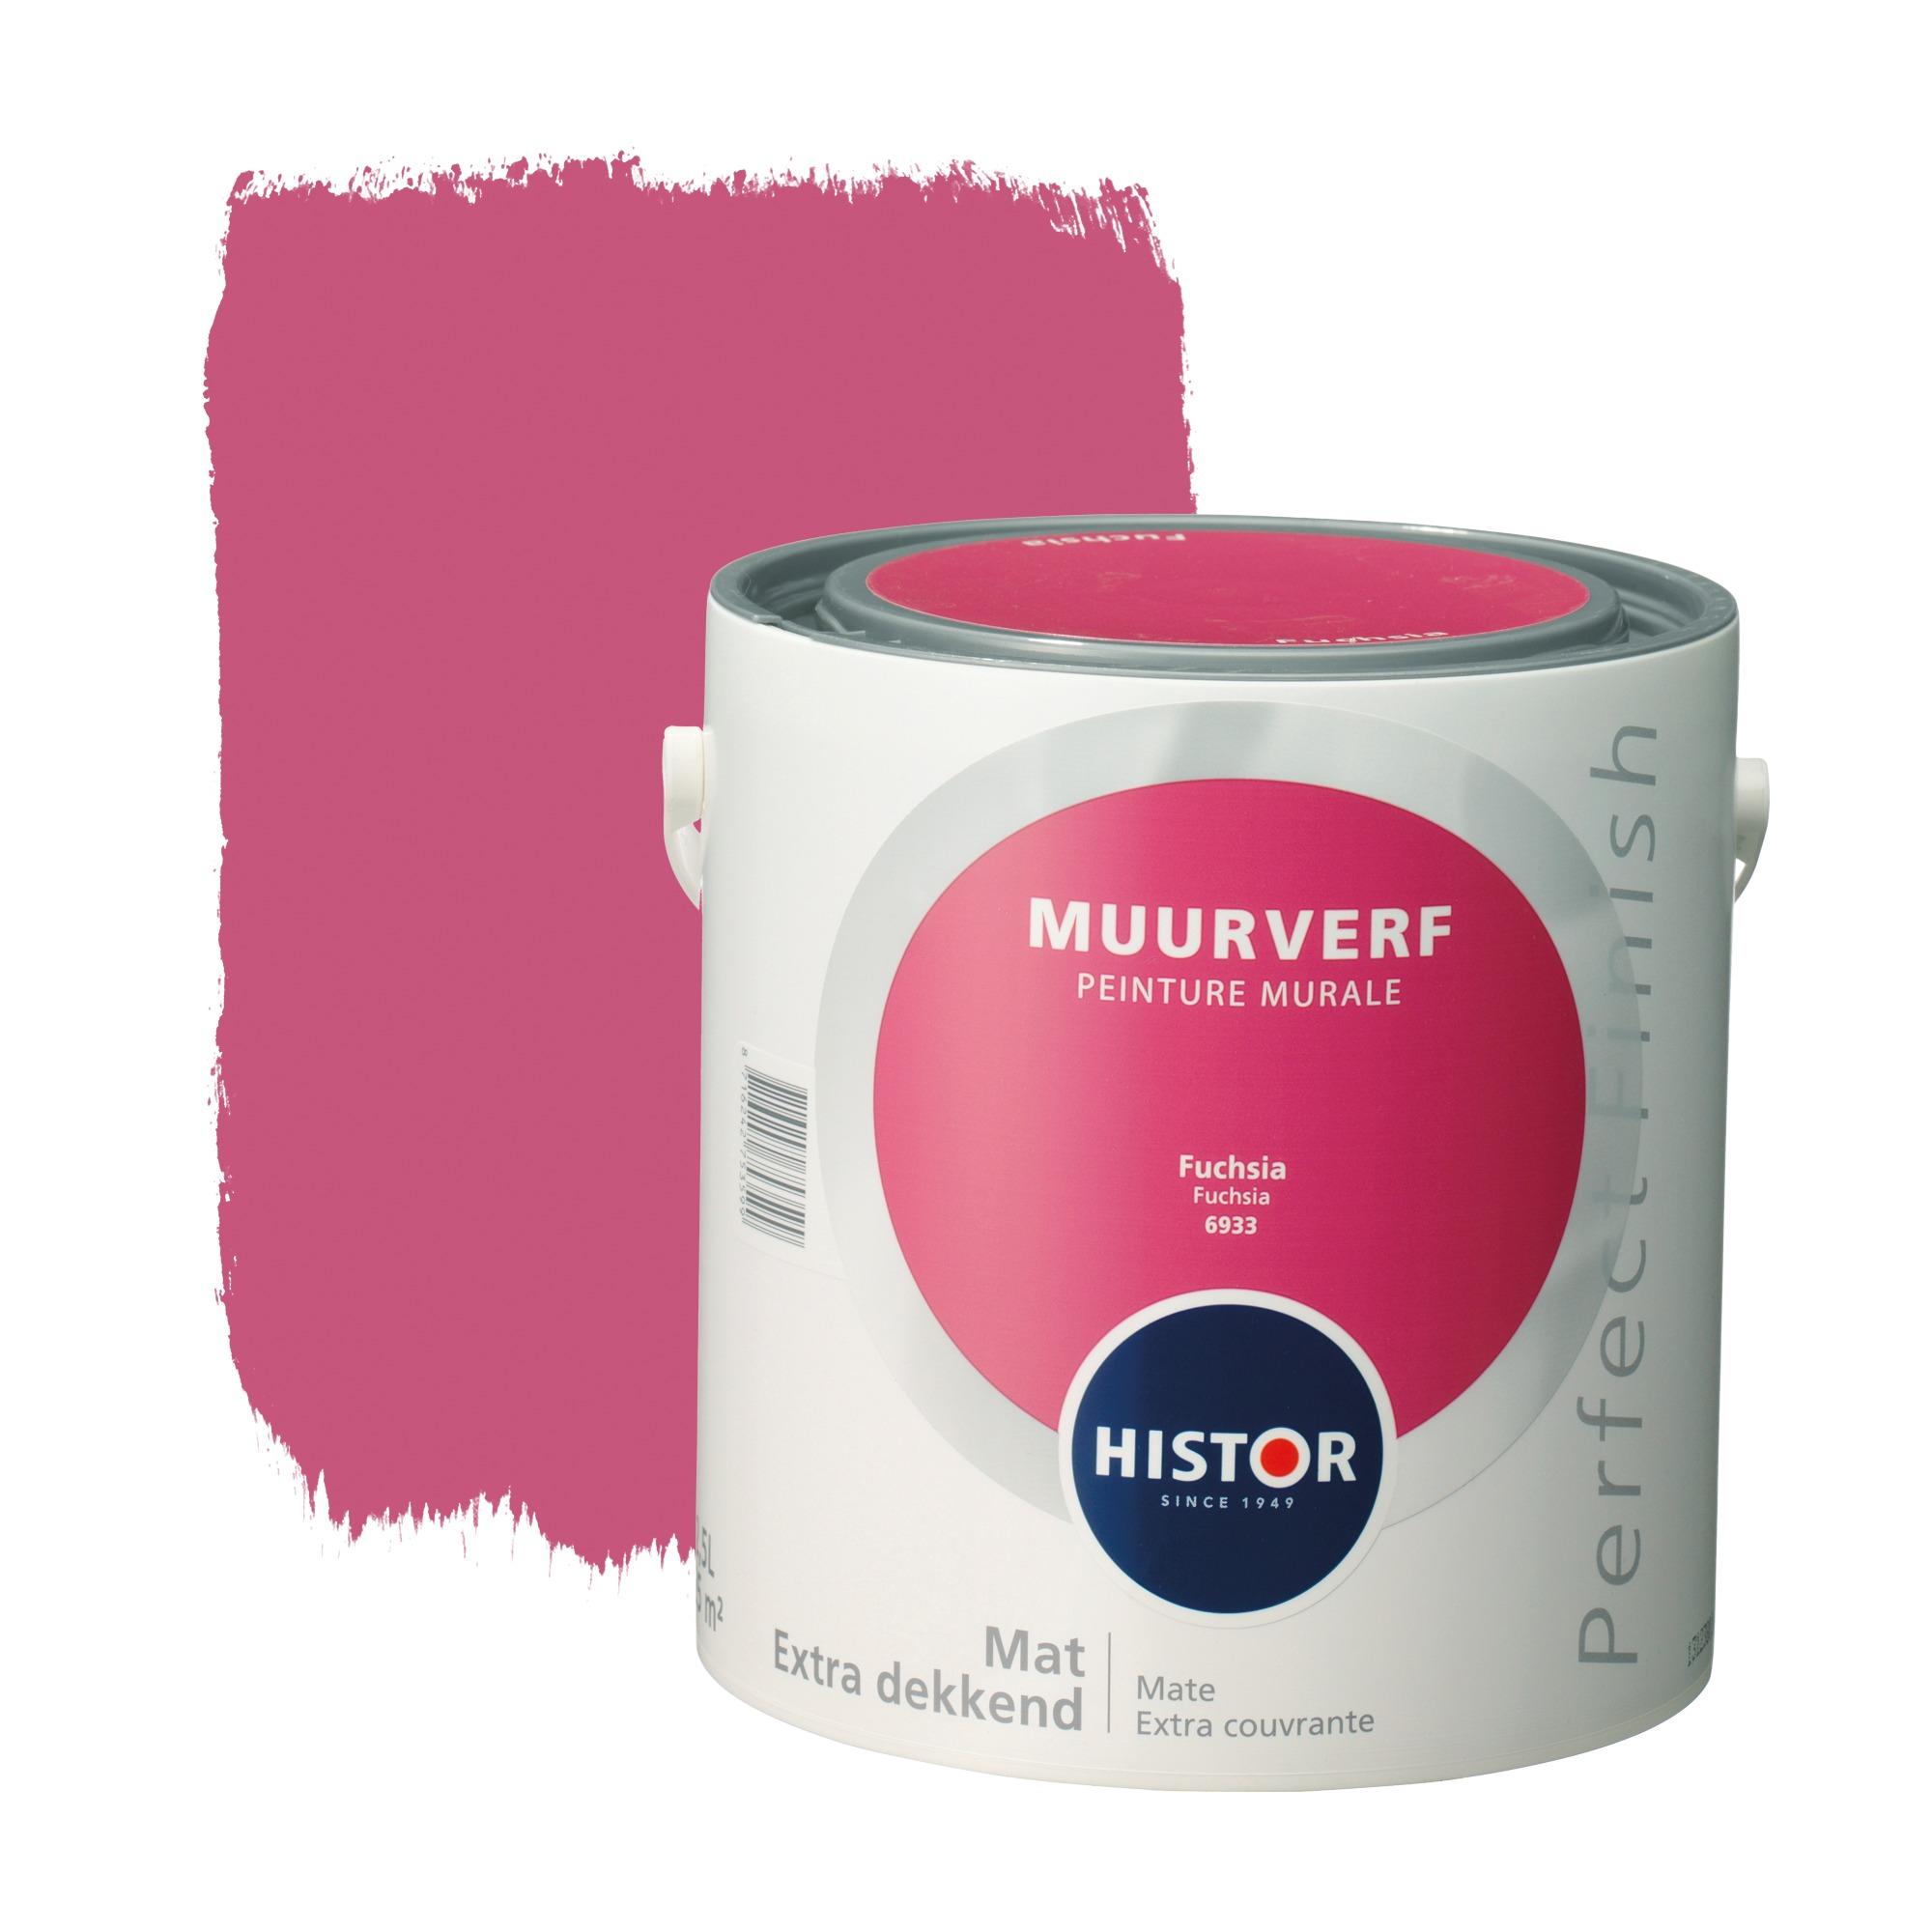 Histor perfect finish muurverf mat fuchsia 6933 2,5 l